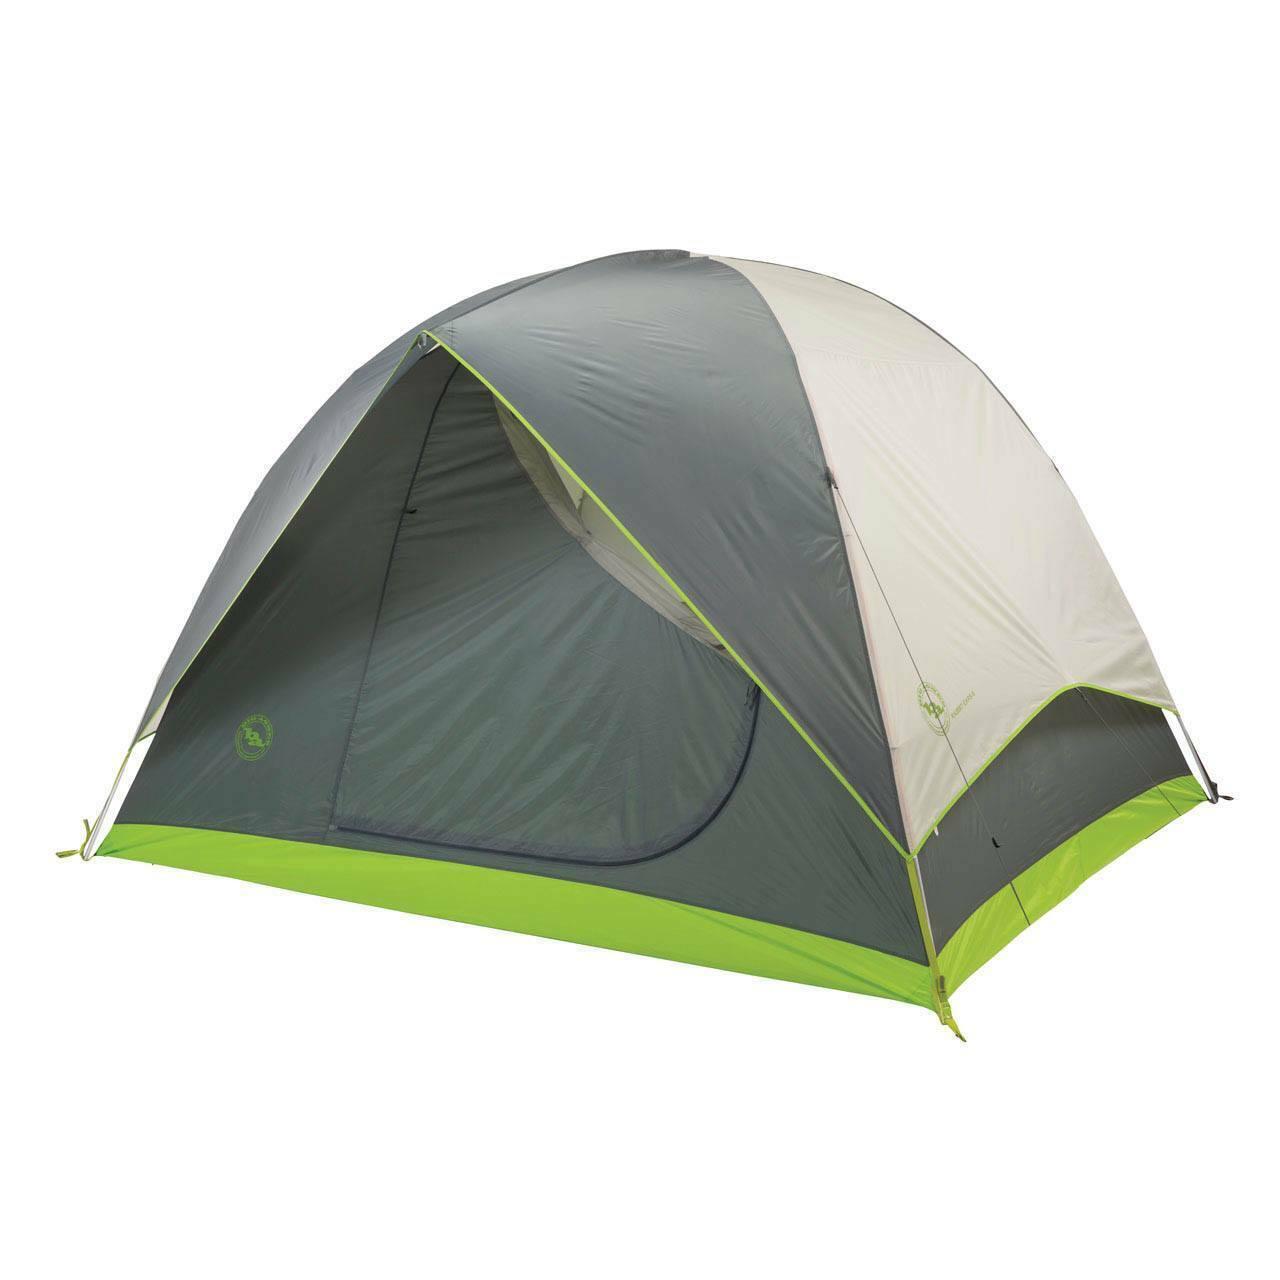 Big Agnes Rabbit Ears 4 Tent - New